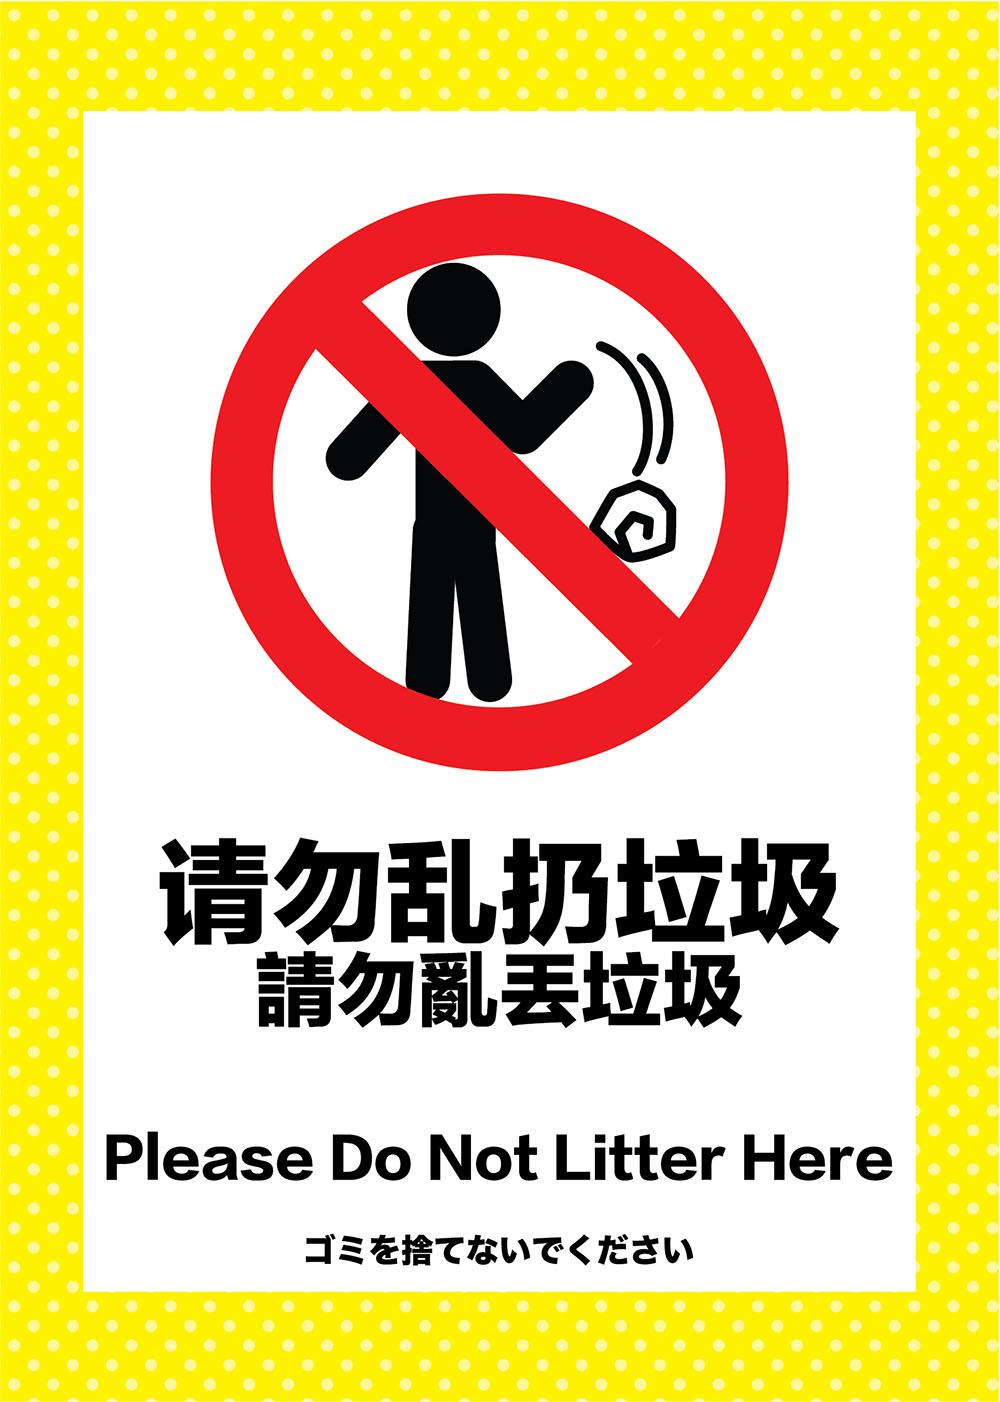 请勿乱扔垃圾